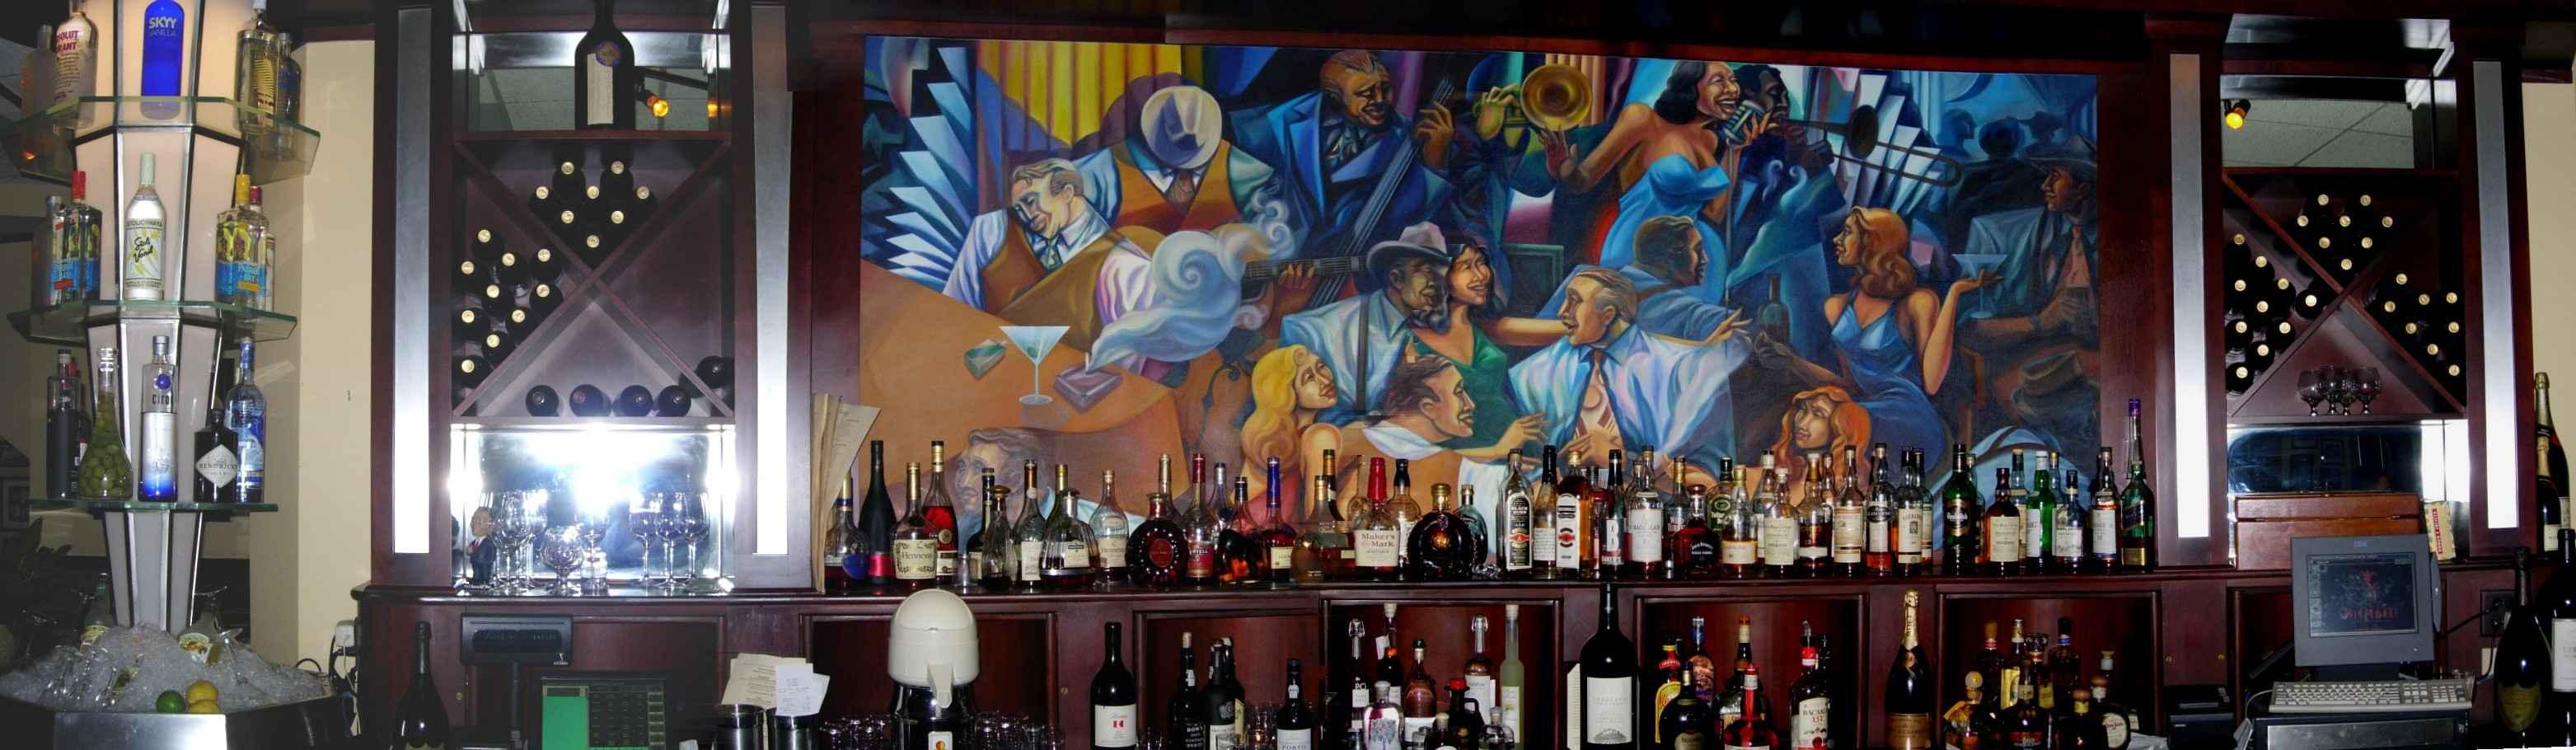 Phil Stefanis Bar Mural - Vẽ Tranh Tường Nhà Hàng Bar